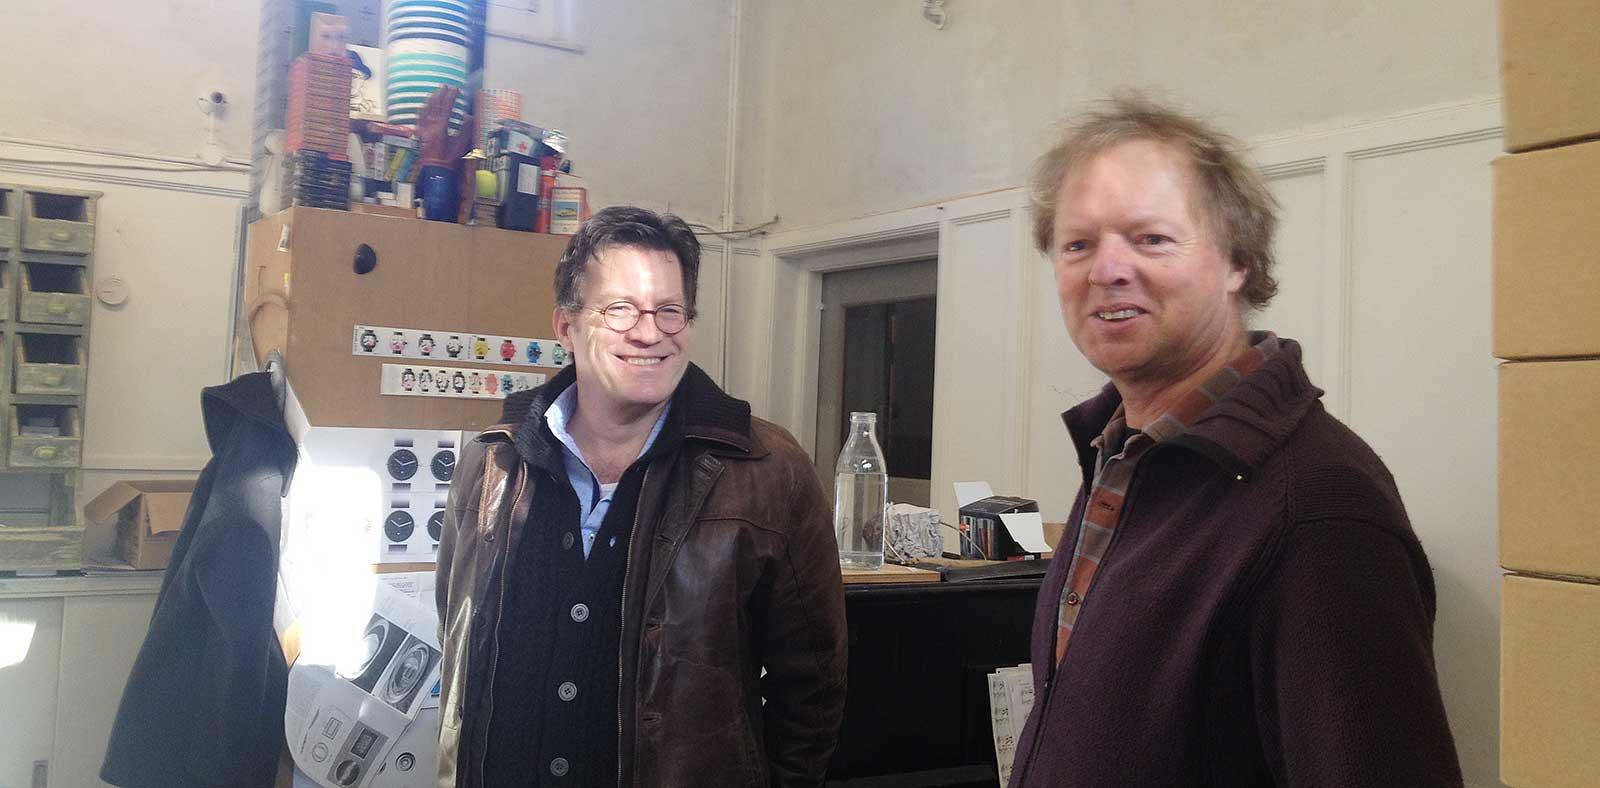 Godfried op bezoek in het atelier van Evert van der Molen